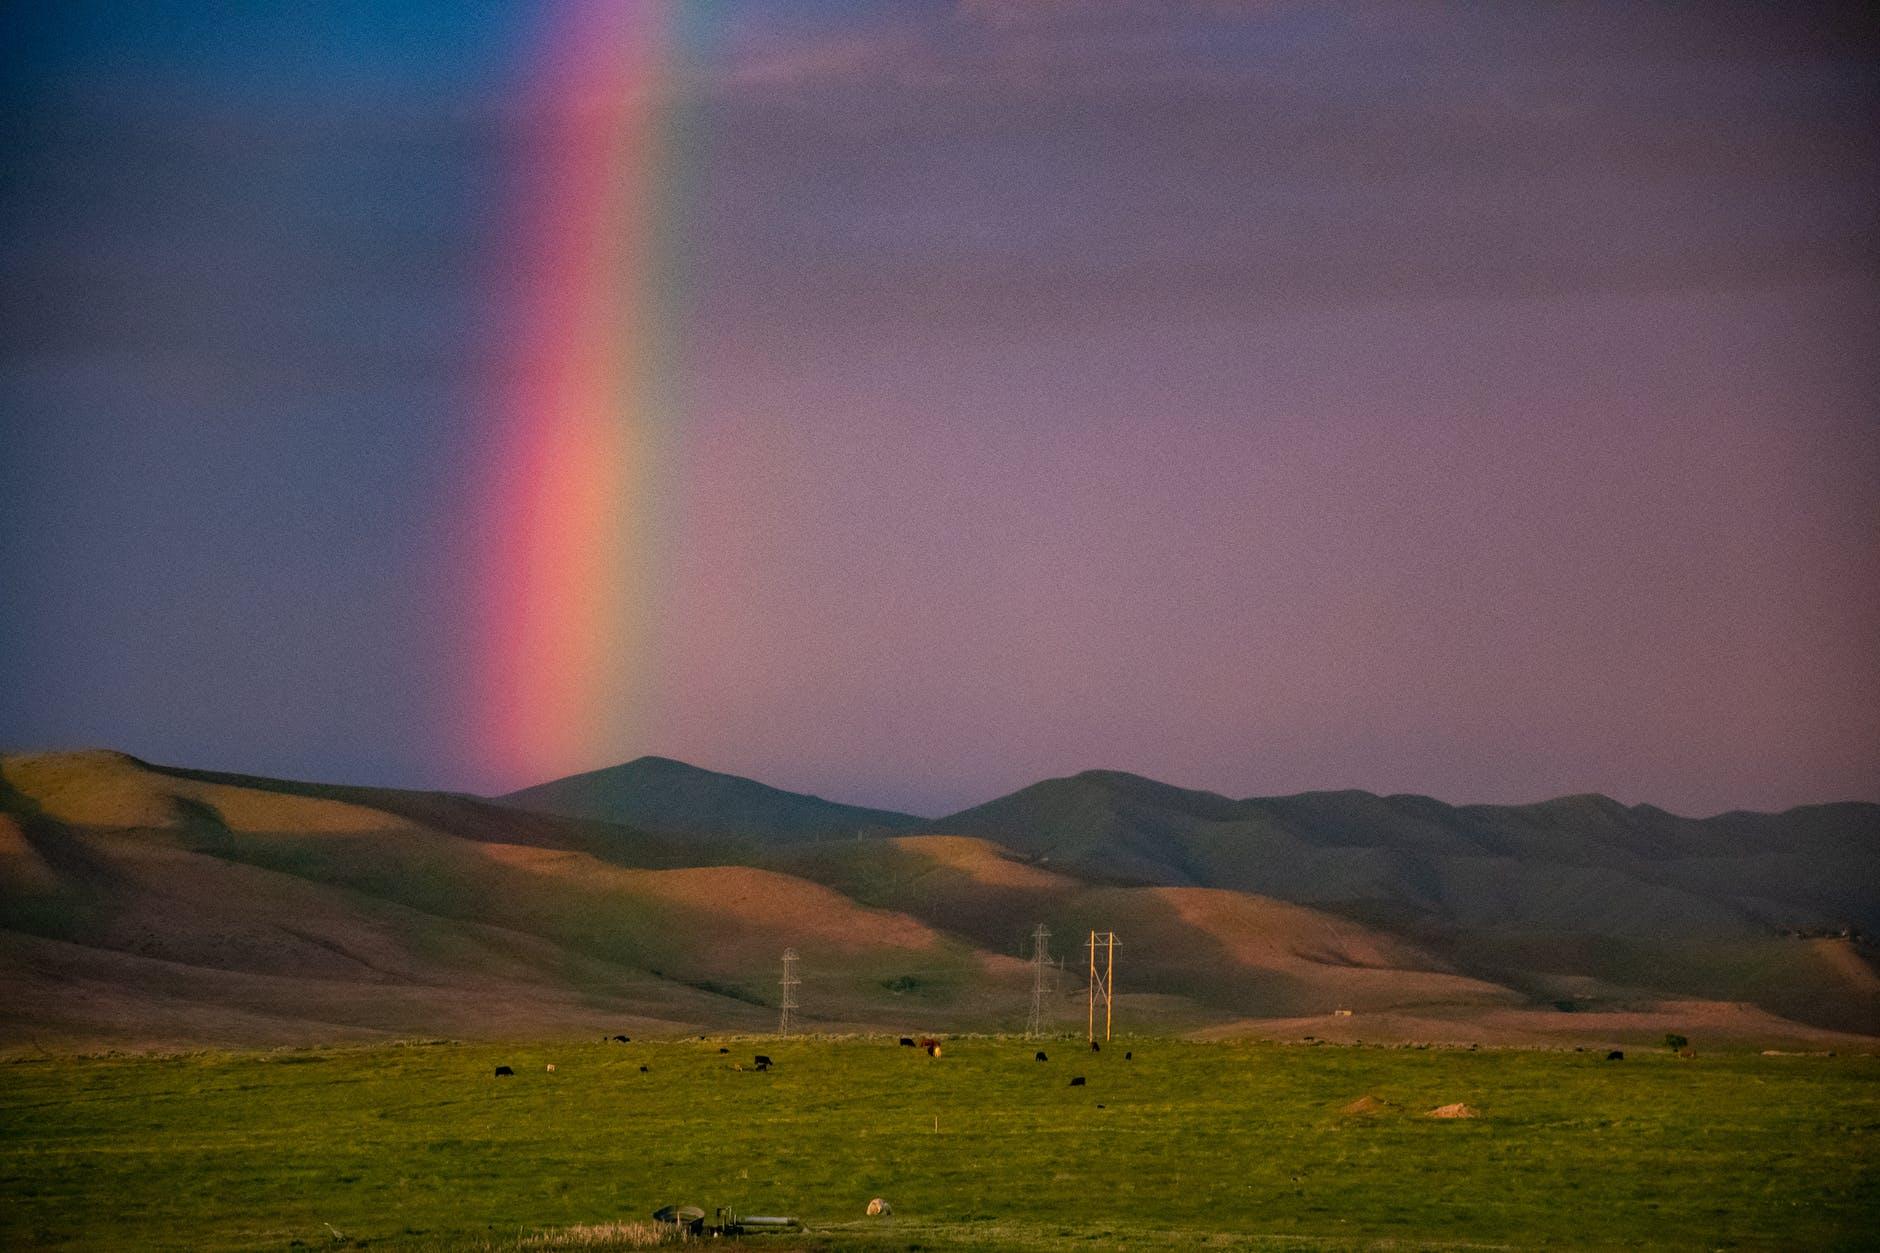 rainbow on mountain